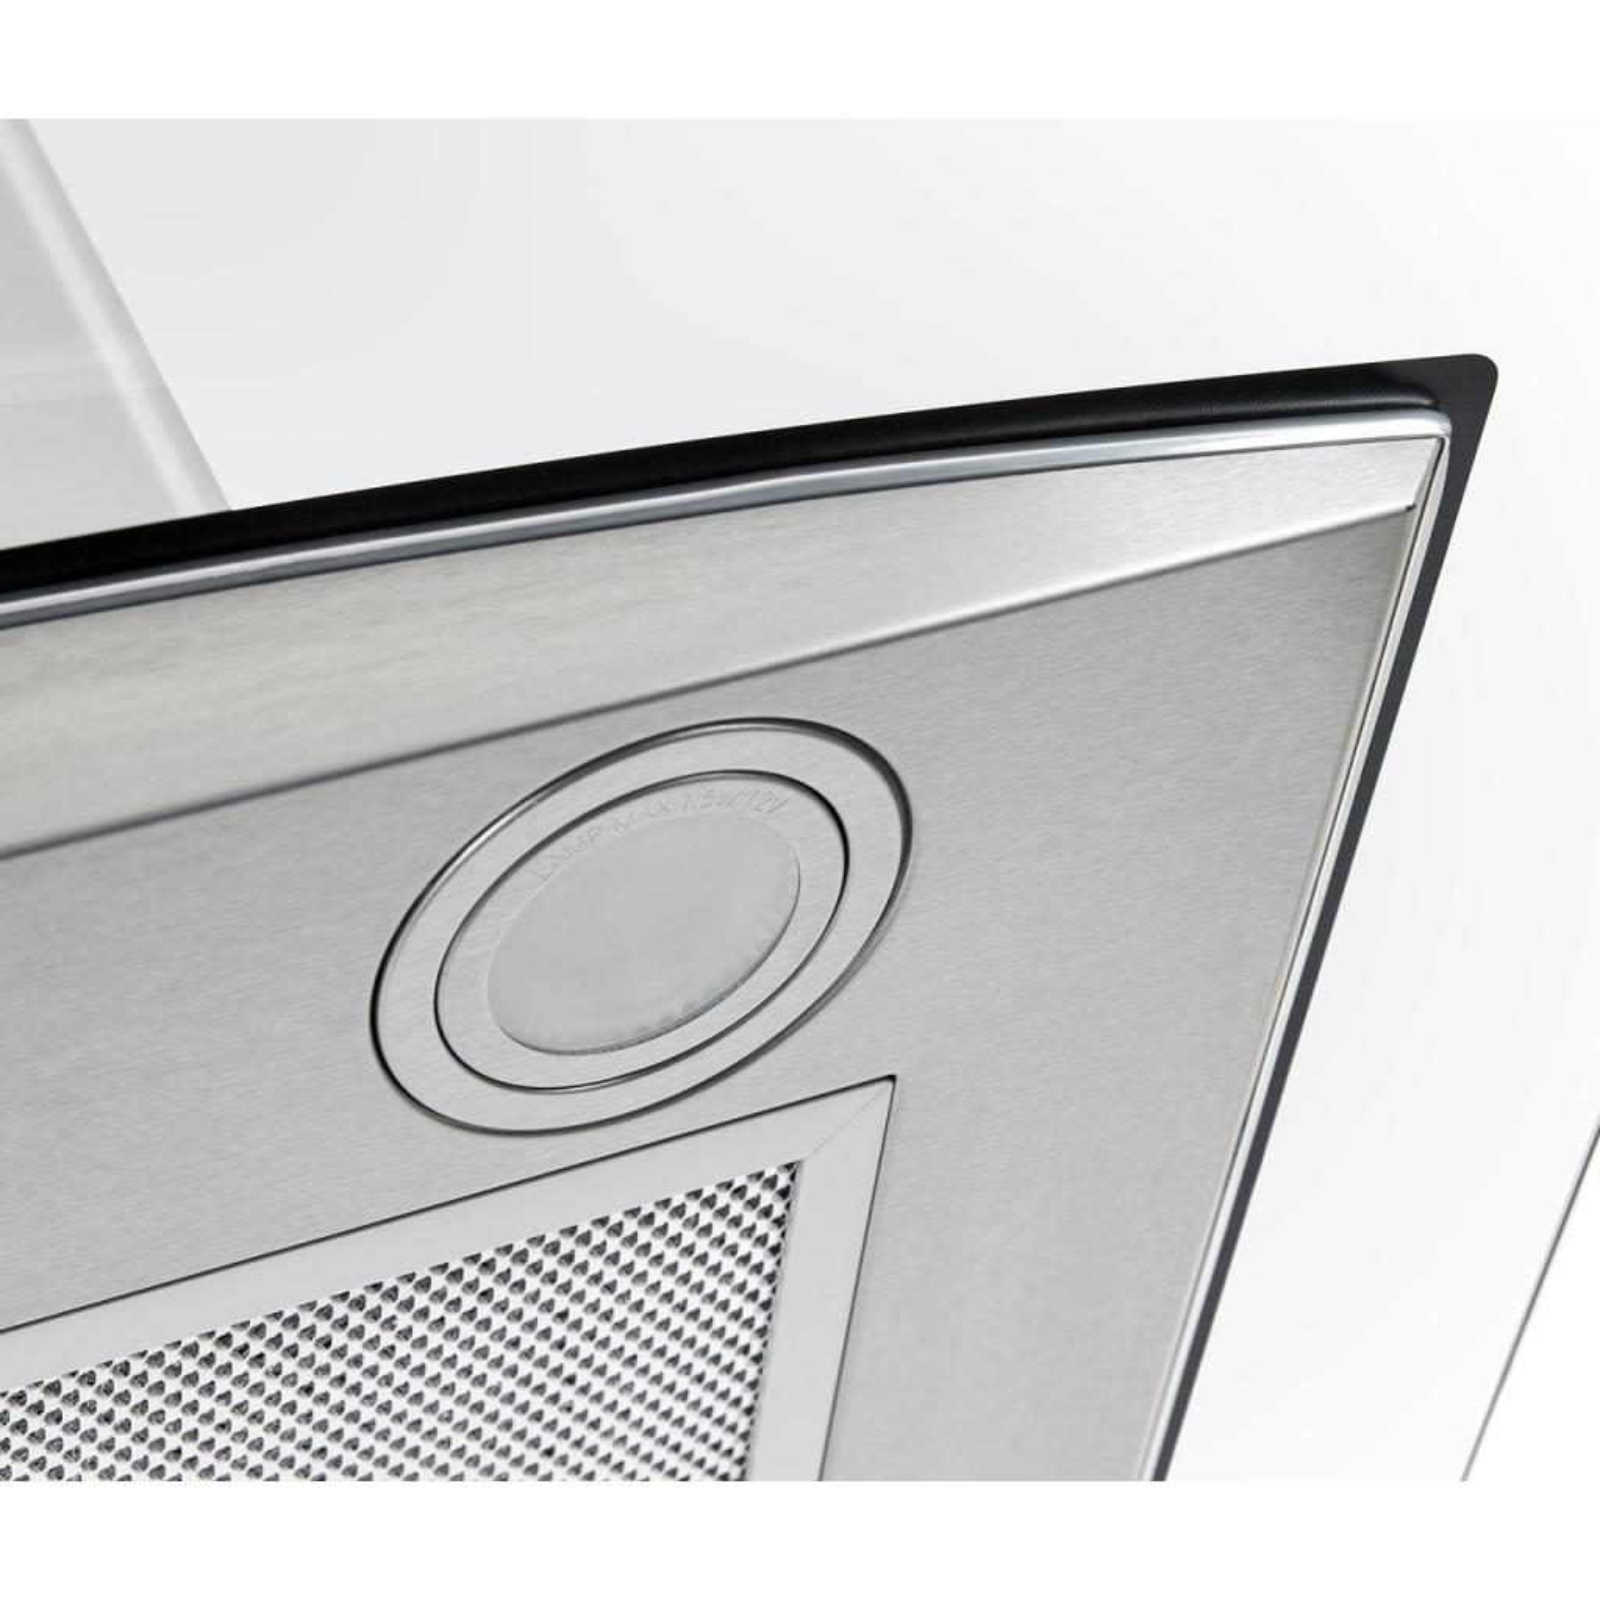 Вытяжка кухонная Ventolux FERRARA 60 INOX (900) PB изображение 4